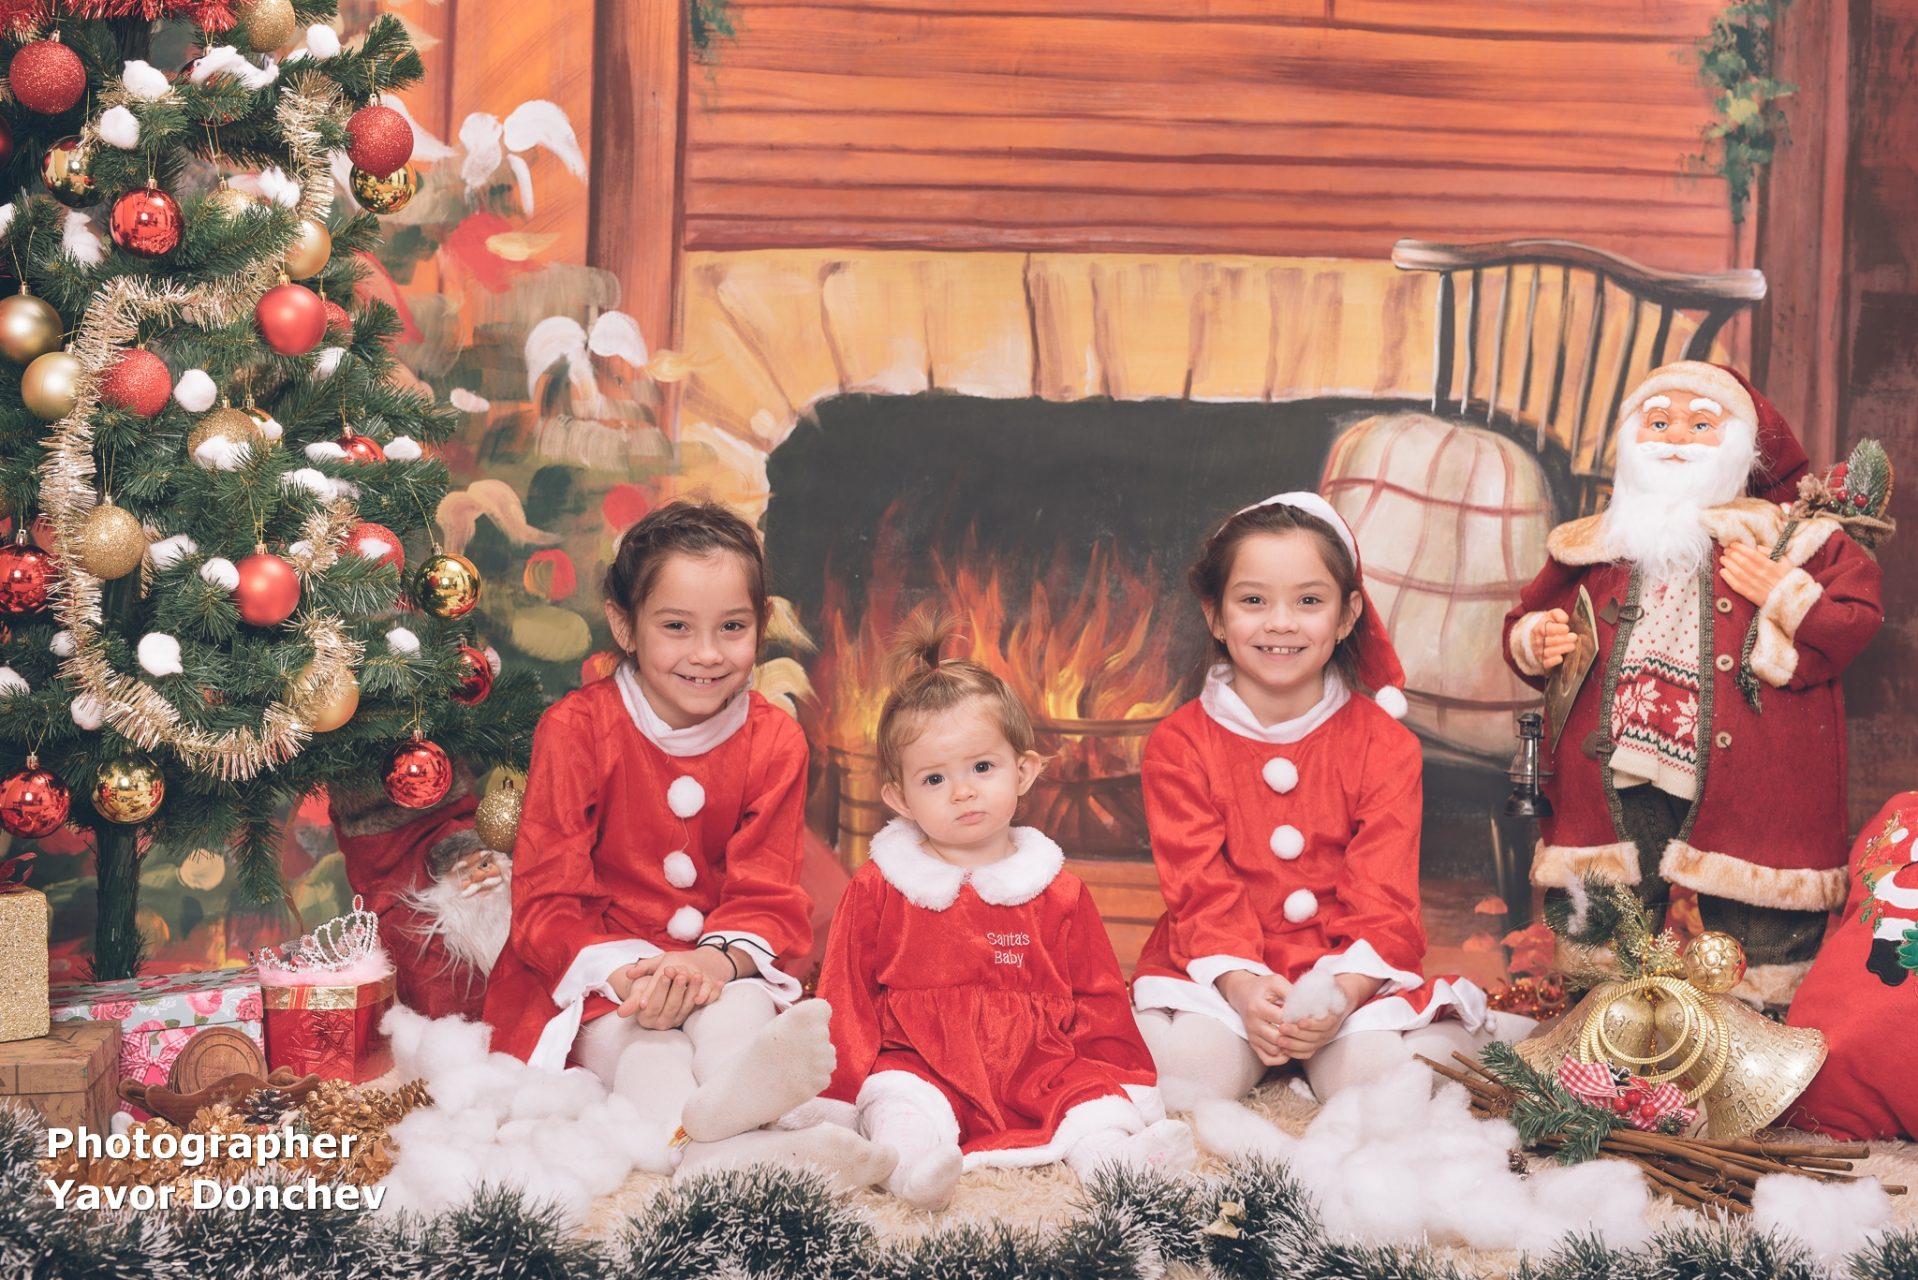 Коледна фотосесия на Изабел и сестричките 2020